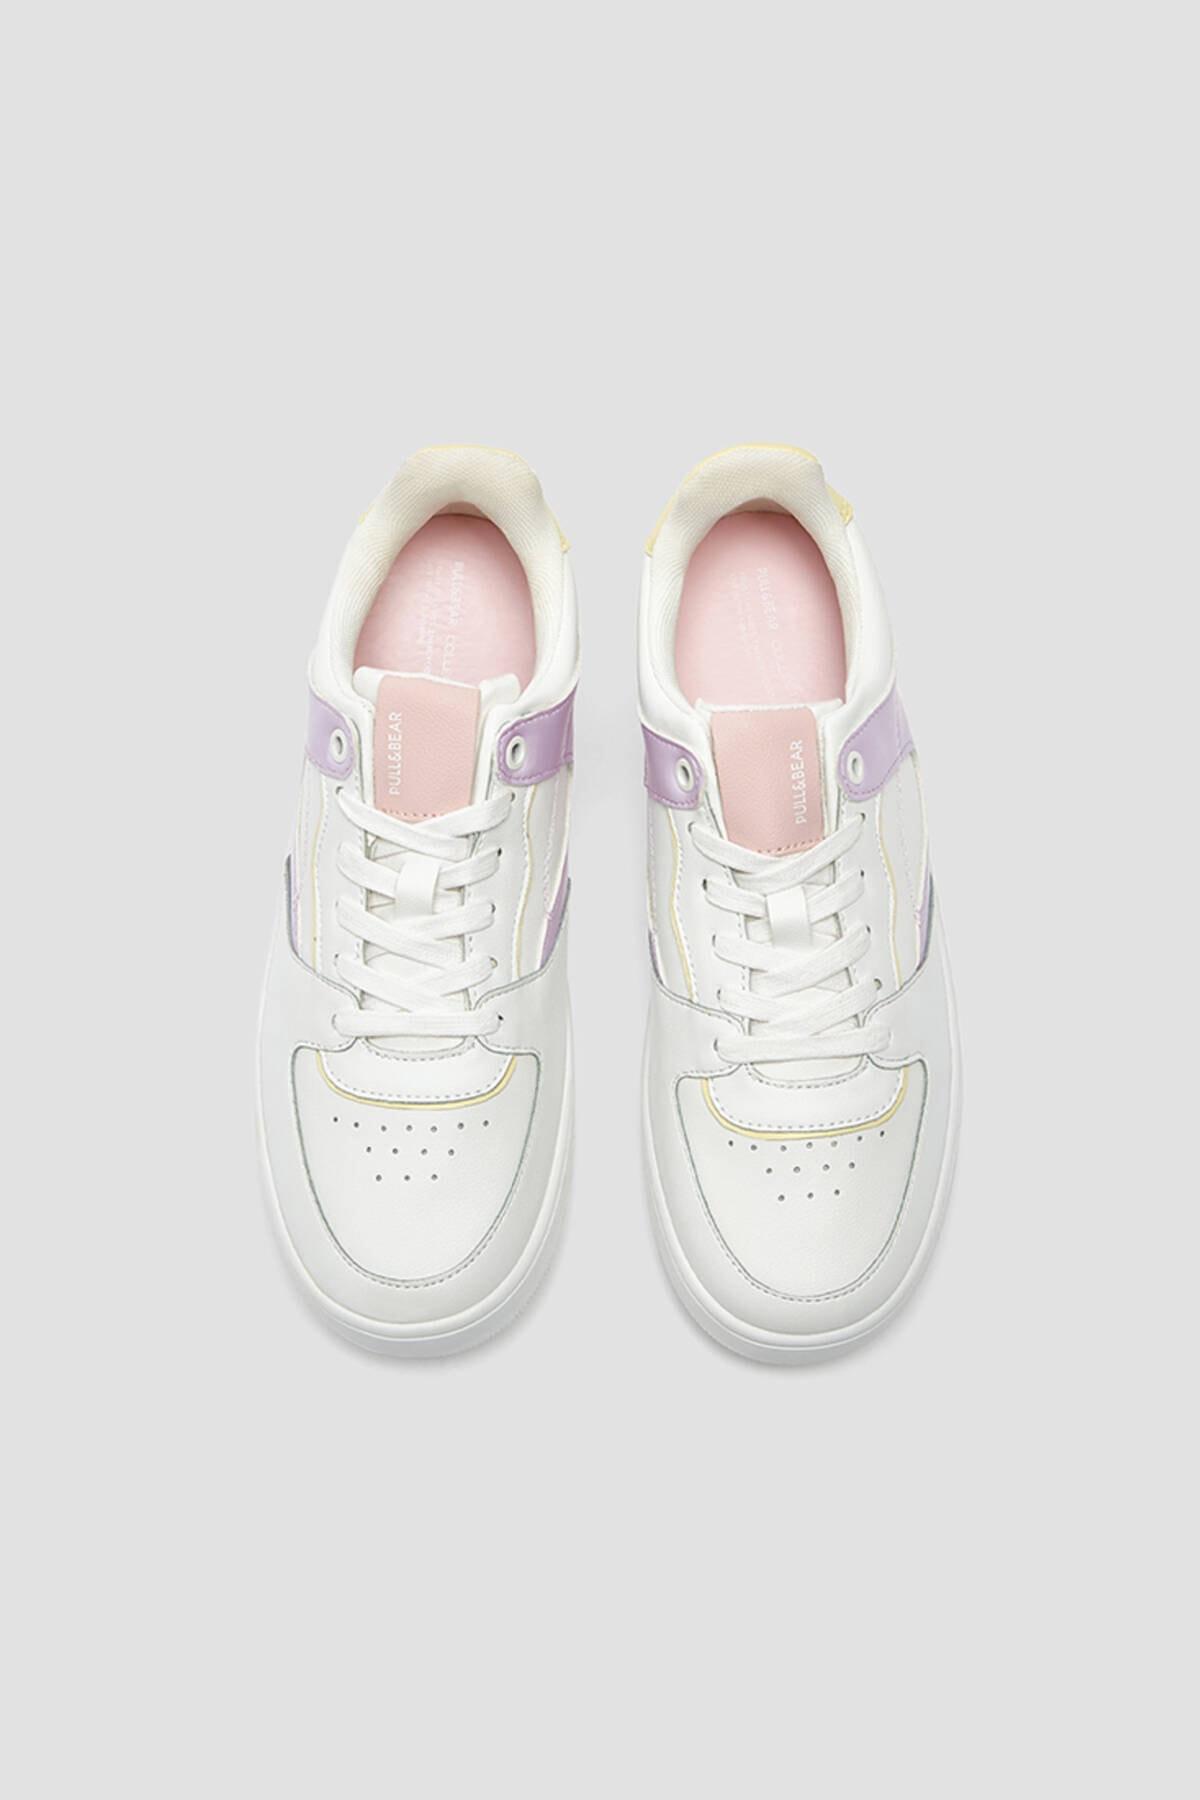 Pull & Bear Kadın Çok Renkli Spor Ayakkabı 11322640 2